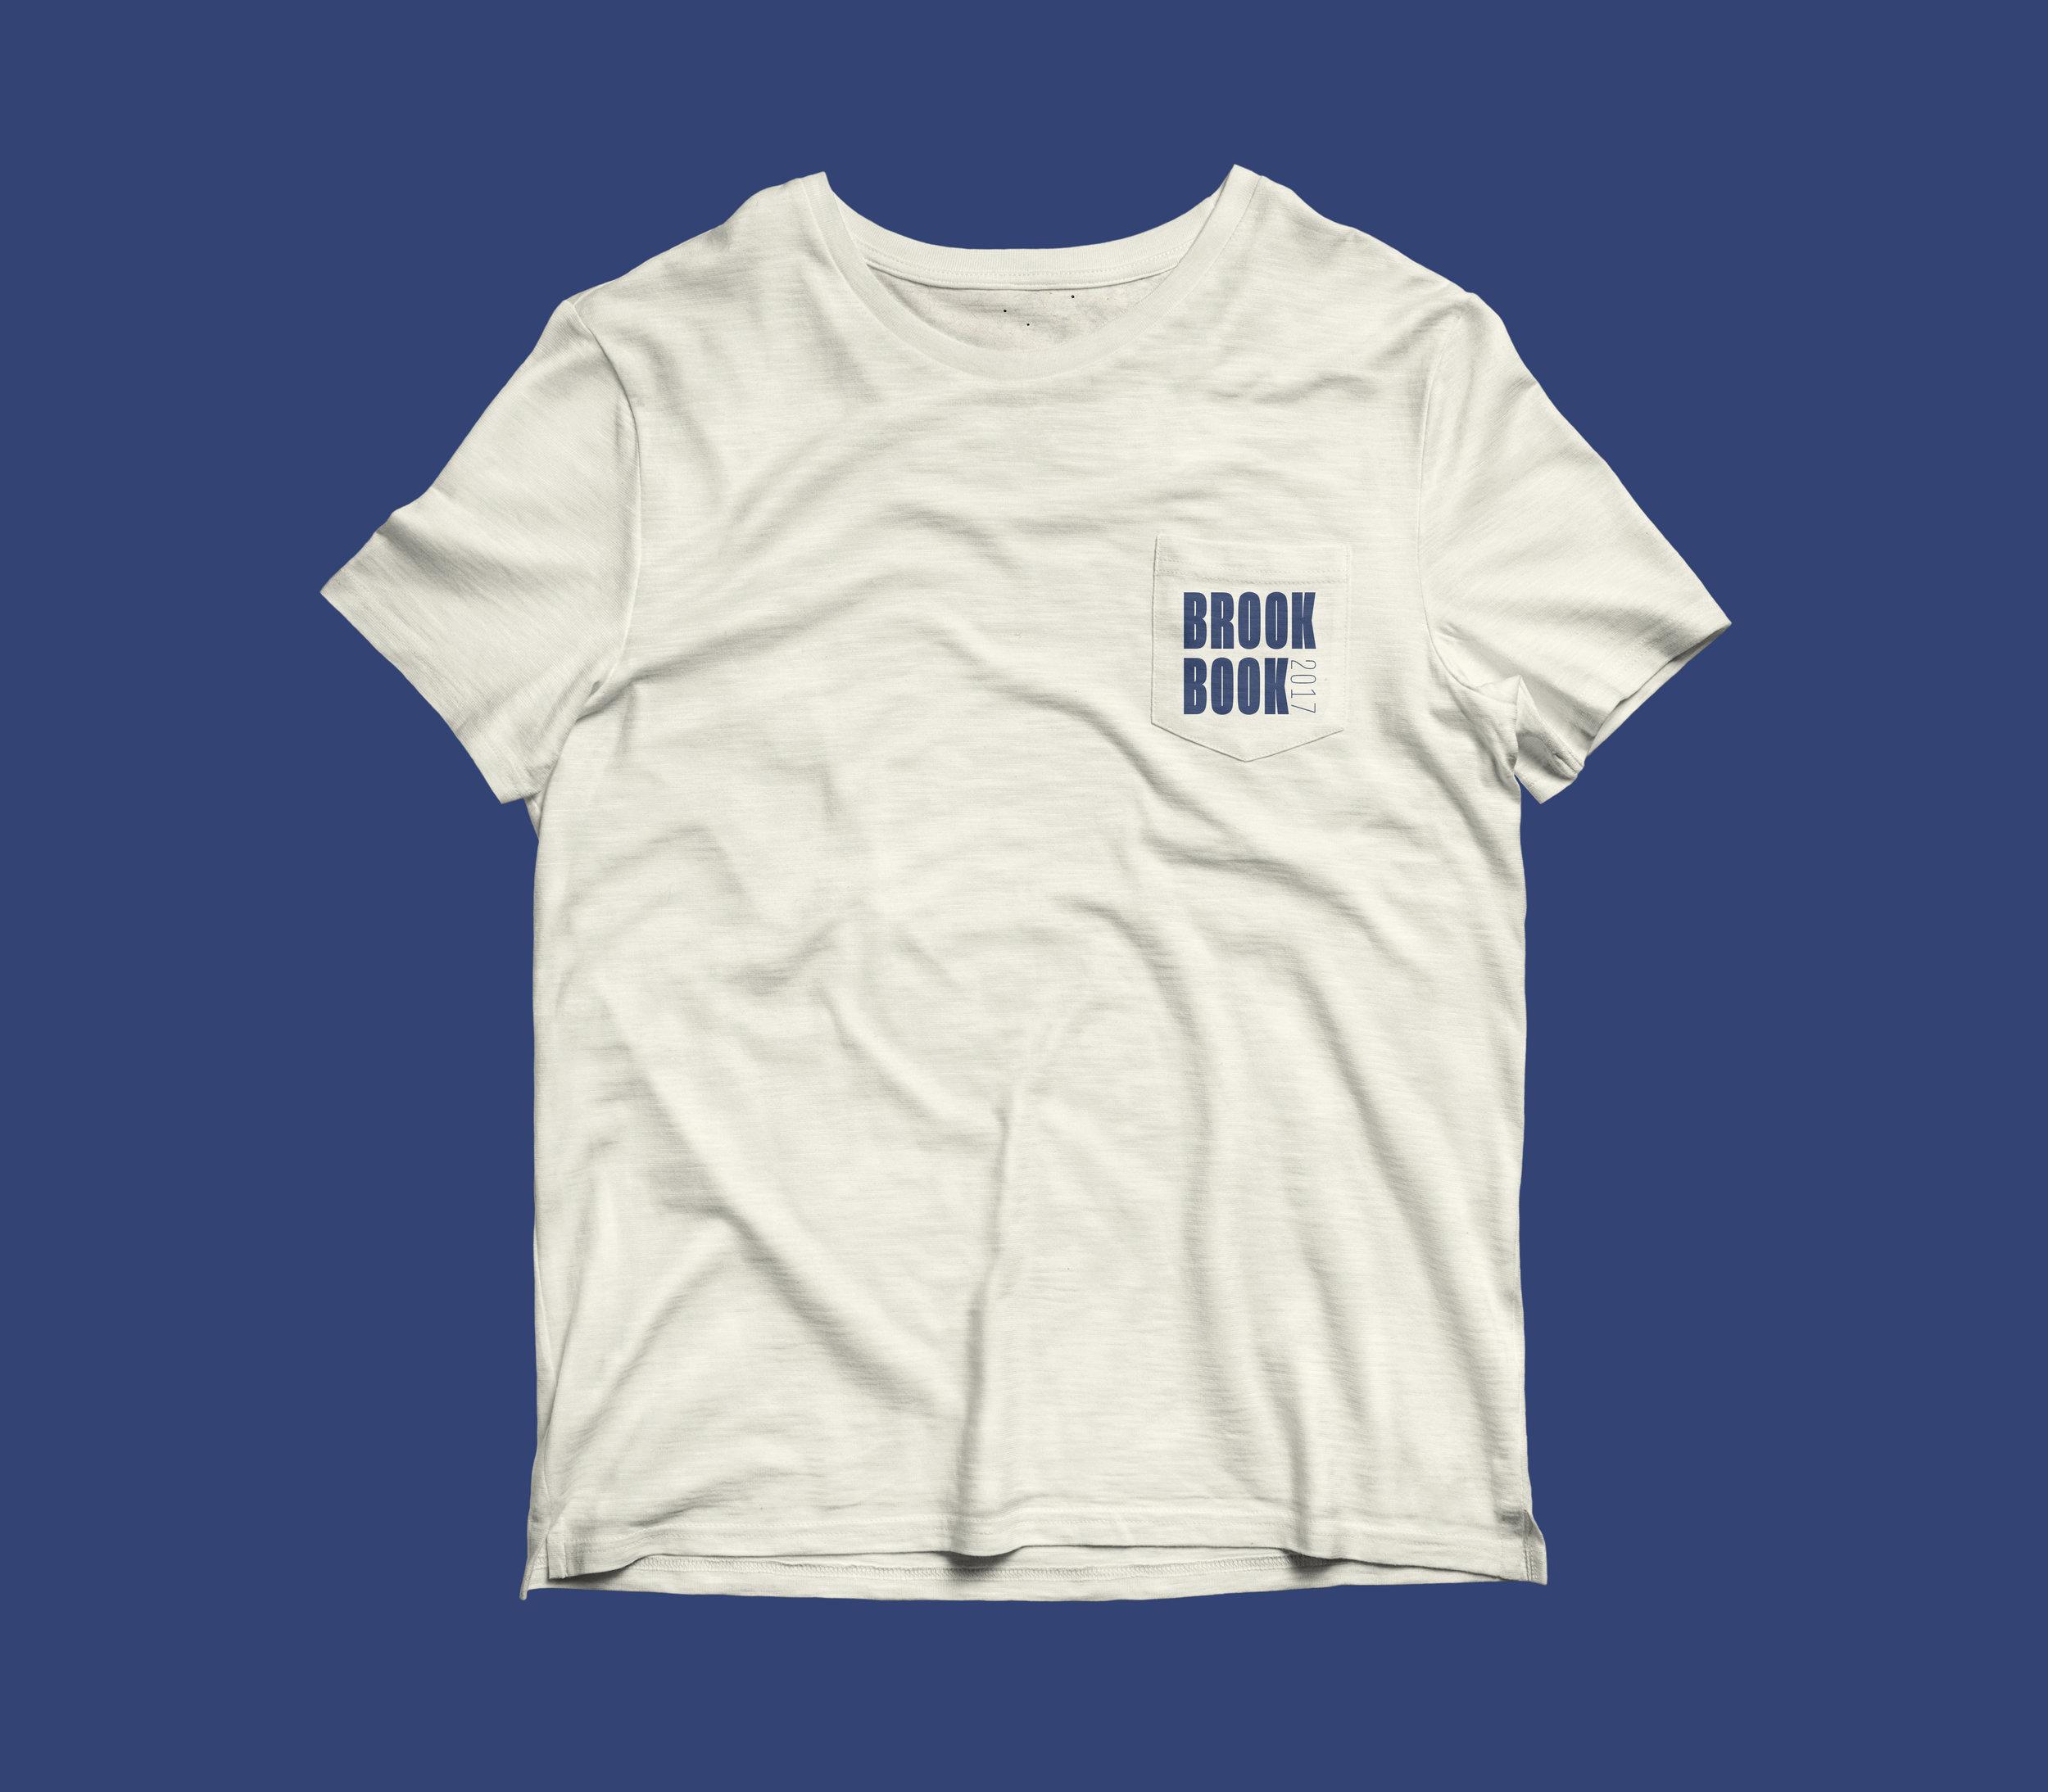 tshirt_Front.jpg